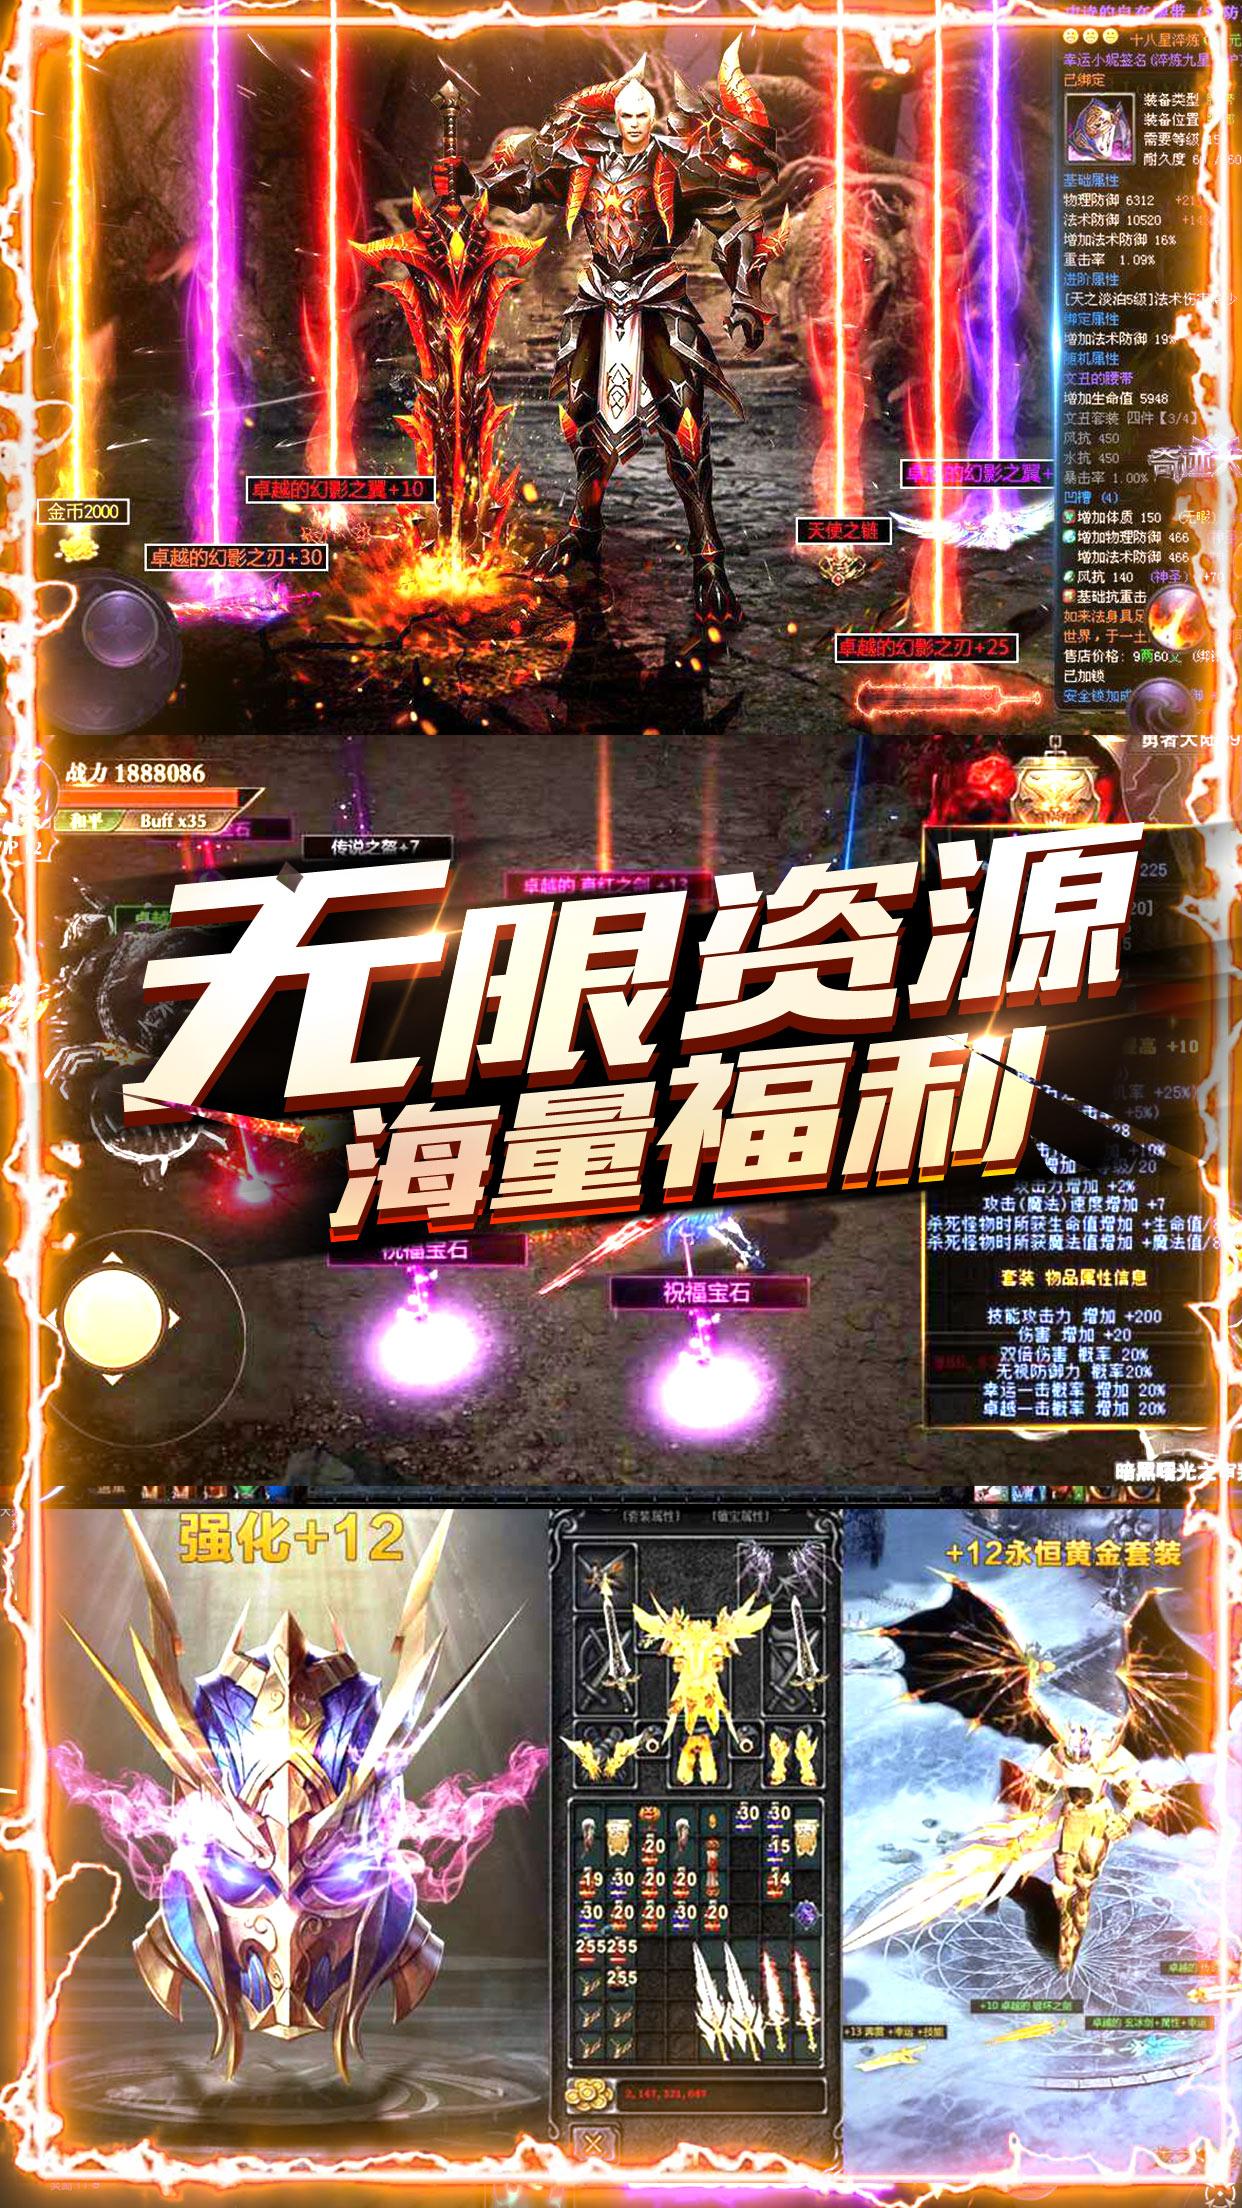 星空神曲(GM版)游戏截图4